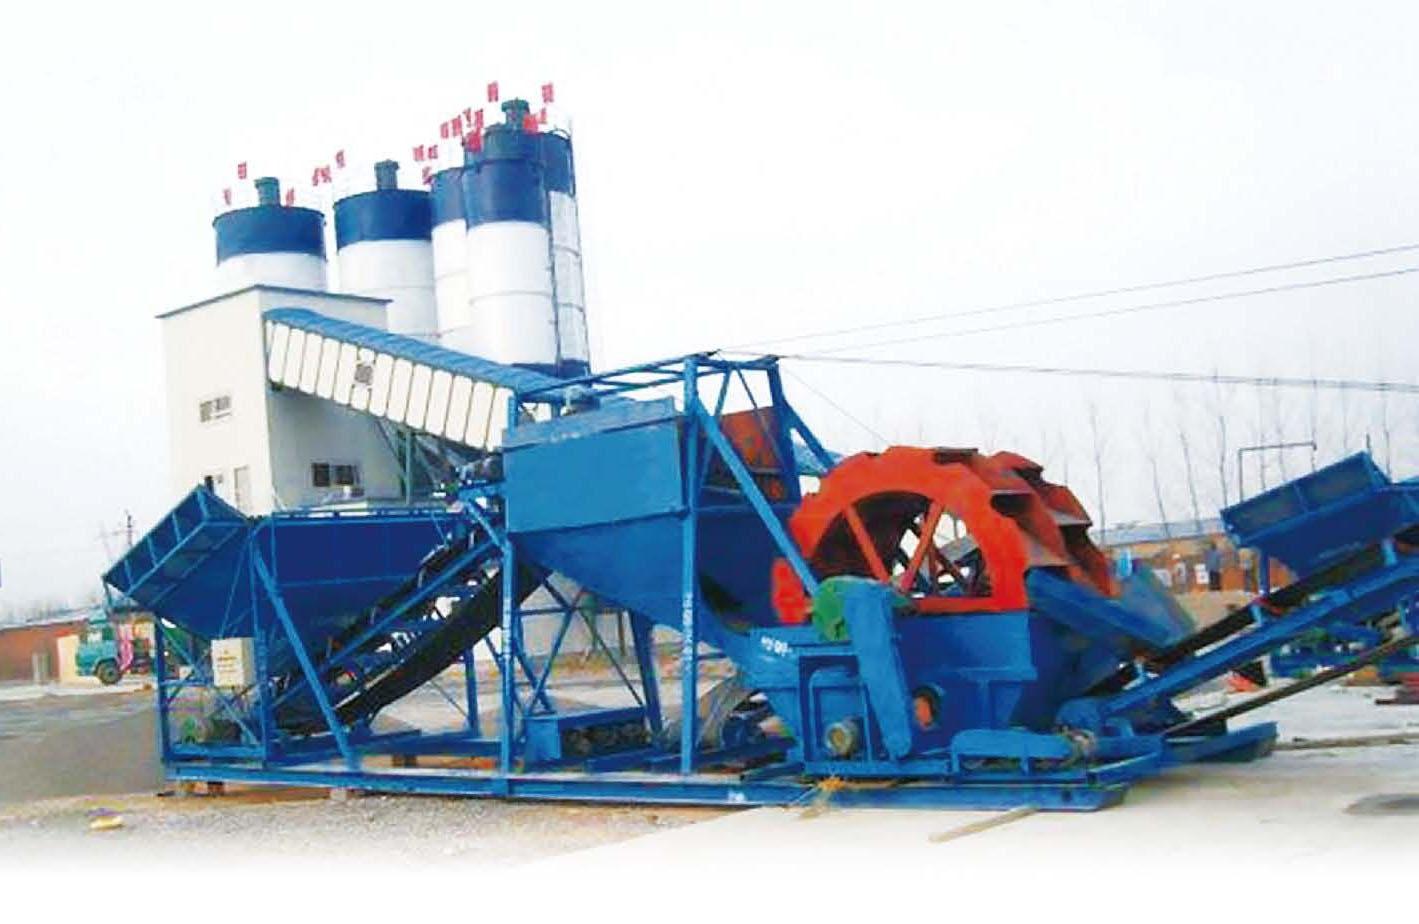 轮式洗沙机厂家【心动不如行动】轮式洗沙机价格